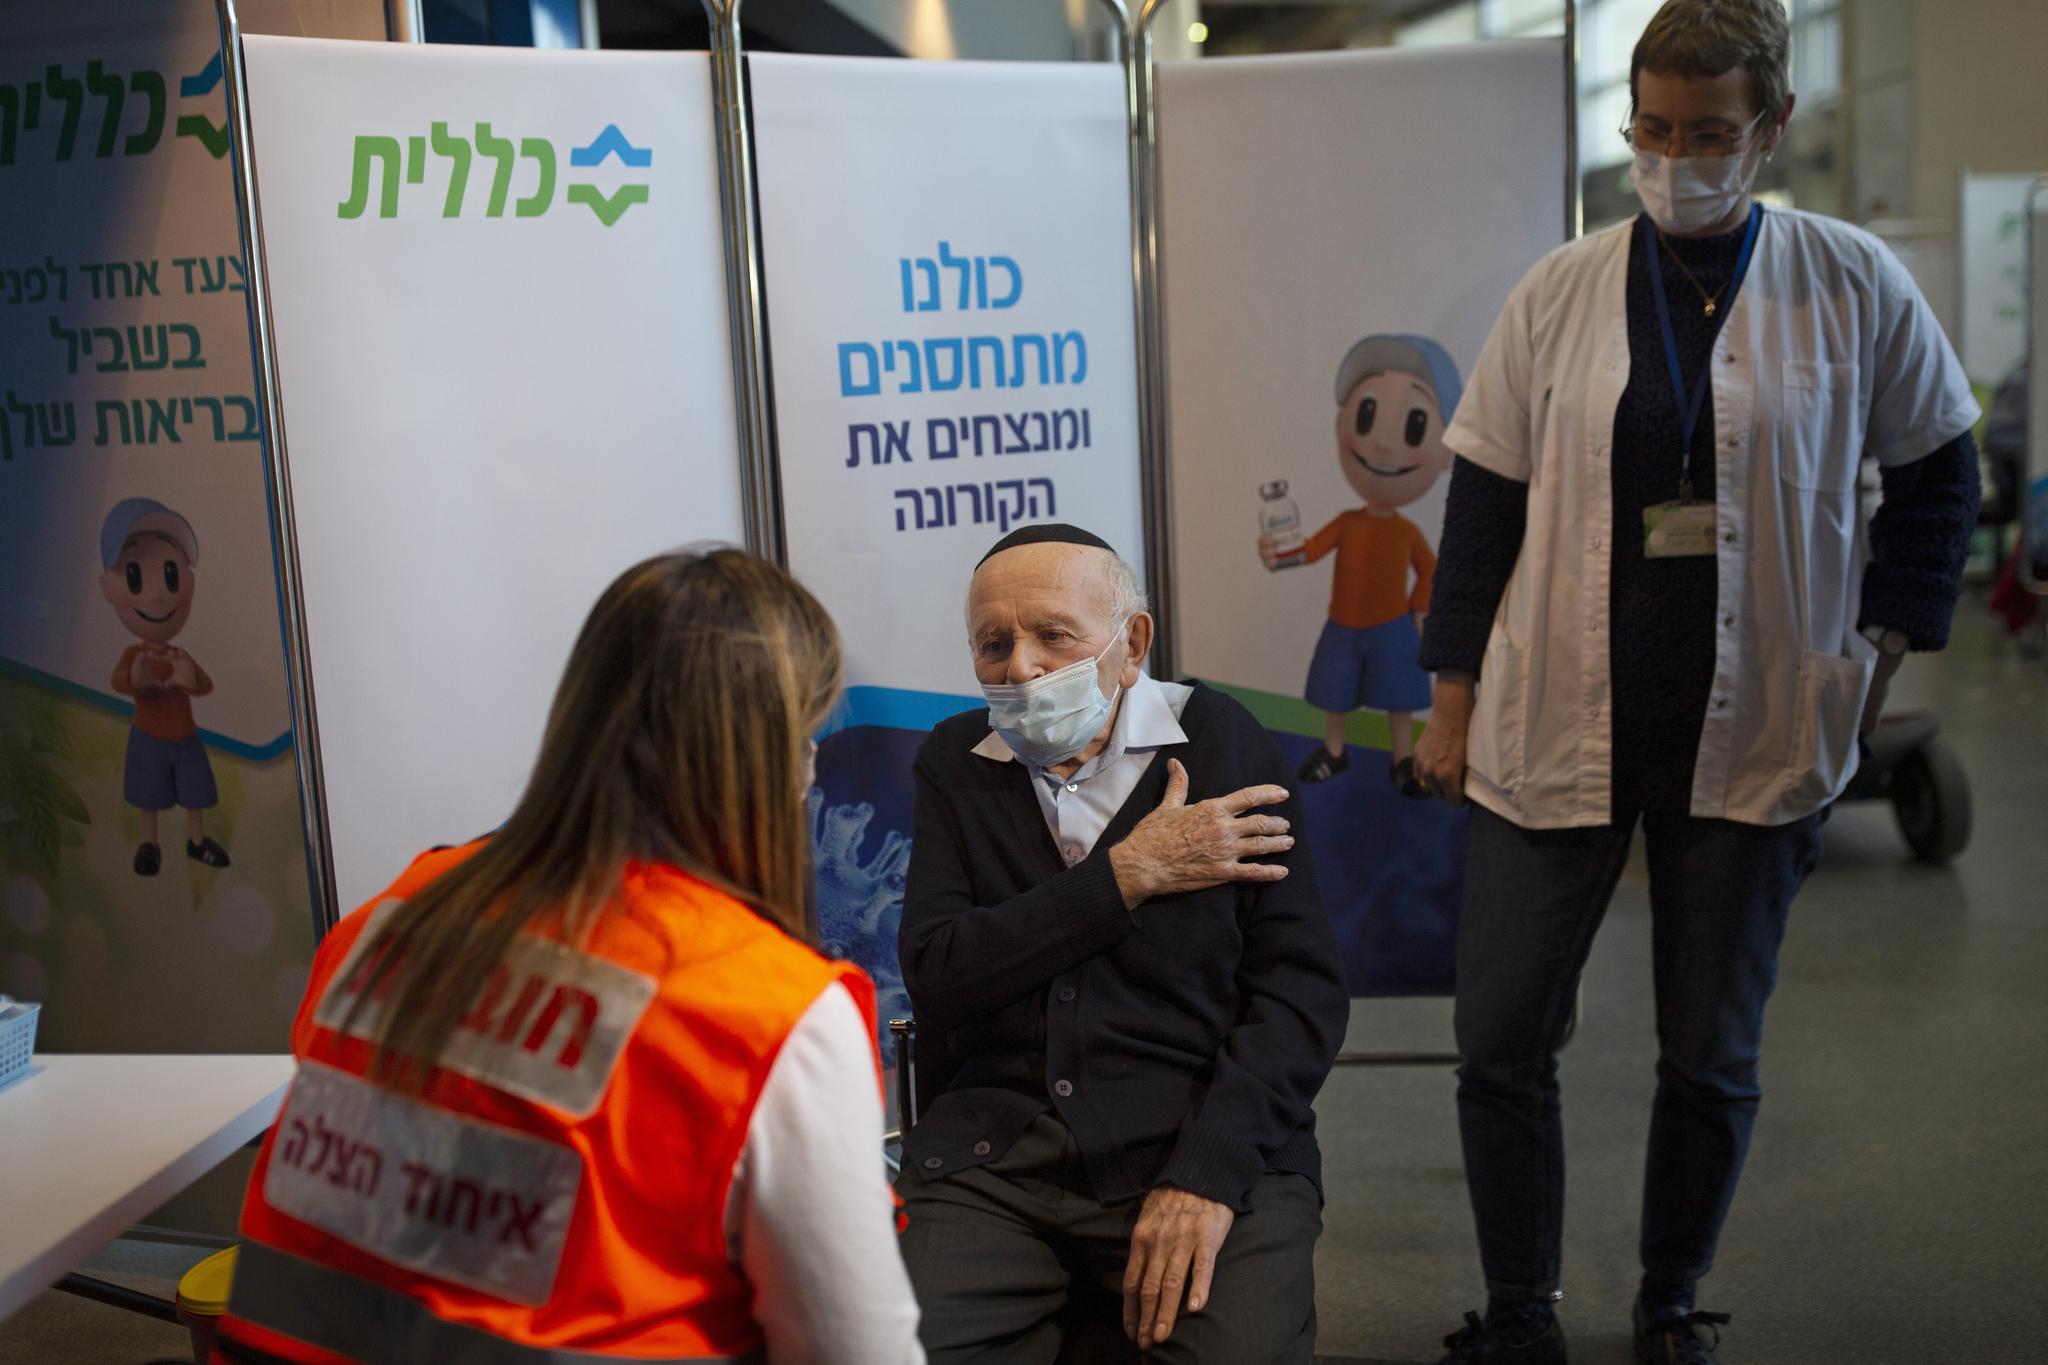 El superviviente del Holocausto, Joseph Zalman Kleinman, señala el brazo que prefiere para recibir la segunda dosis de la vacuna Pfizer, en Jerusalén.